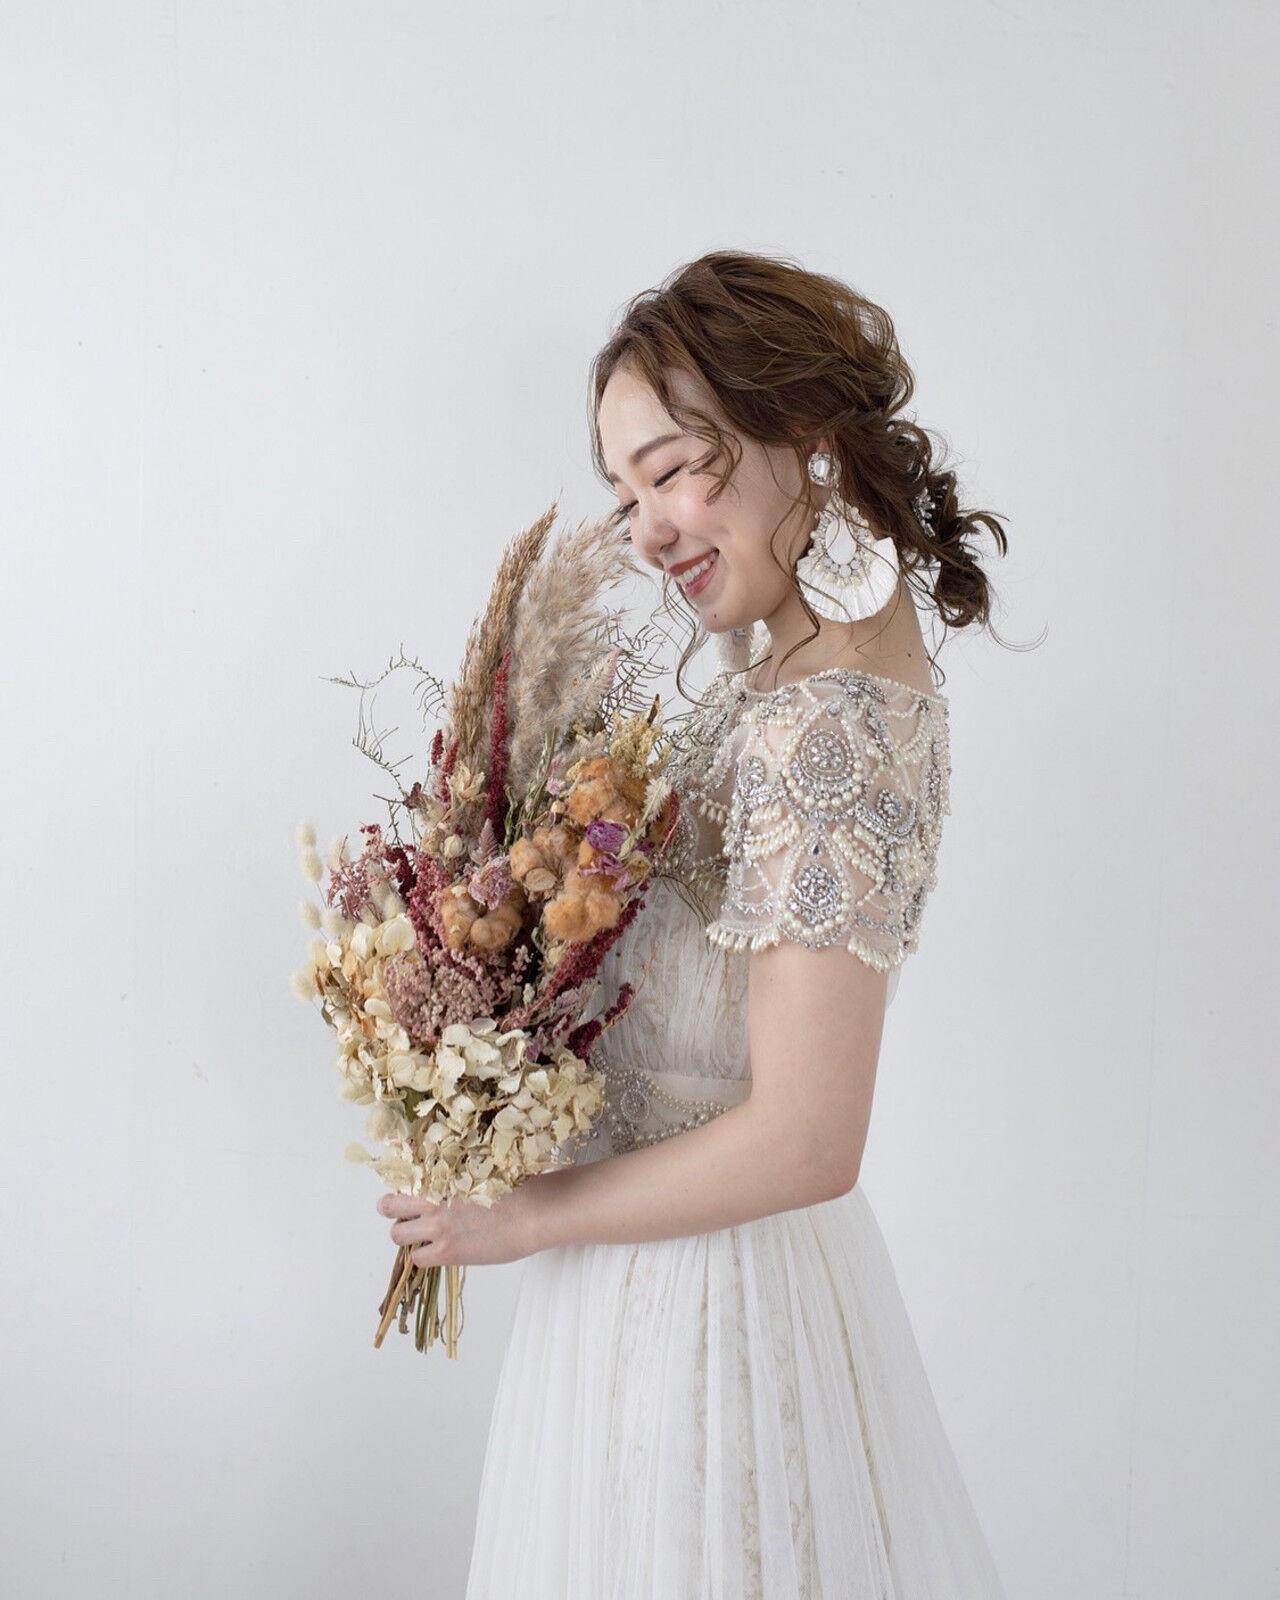 ヘアセット 結婚式ヘアアレンジ ヘアアレンジ セミロングヘアスタイルや髪型の写真・画像